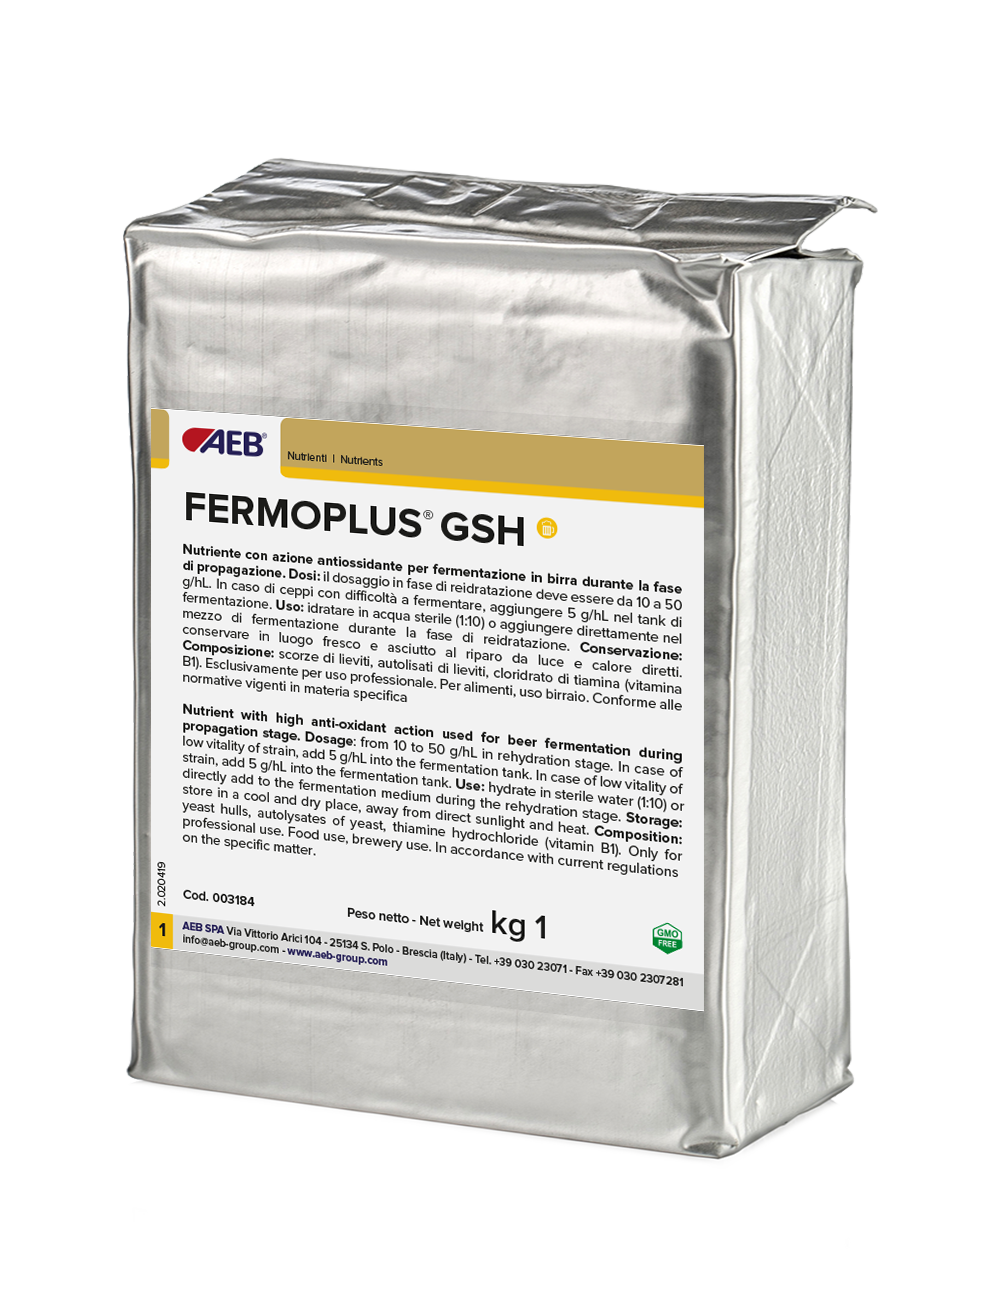 FERMOPLUS GSH